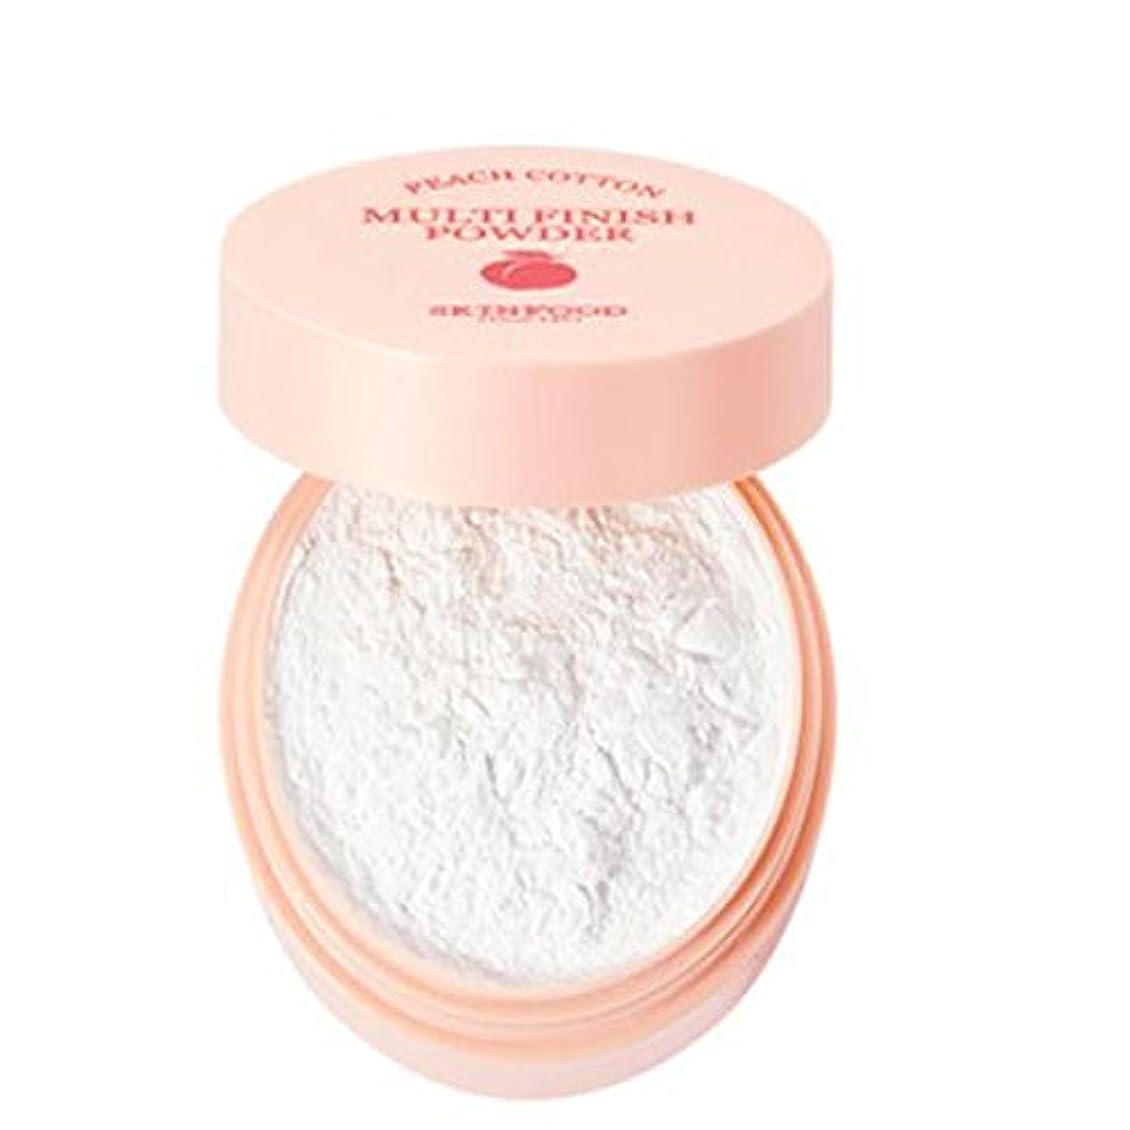 祈りワームあえぎ[SKINFOOD] Peach Cotton Multi Finish Powder ピッチサラッとマルチフィニッシュパウダー - 5g